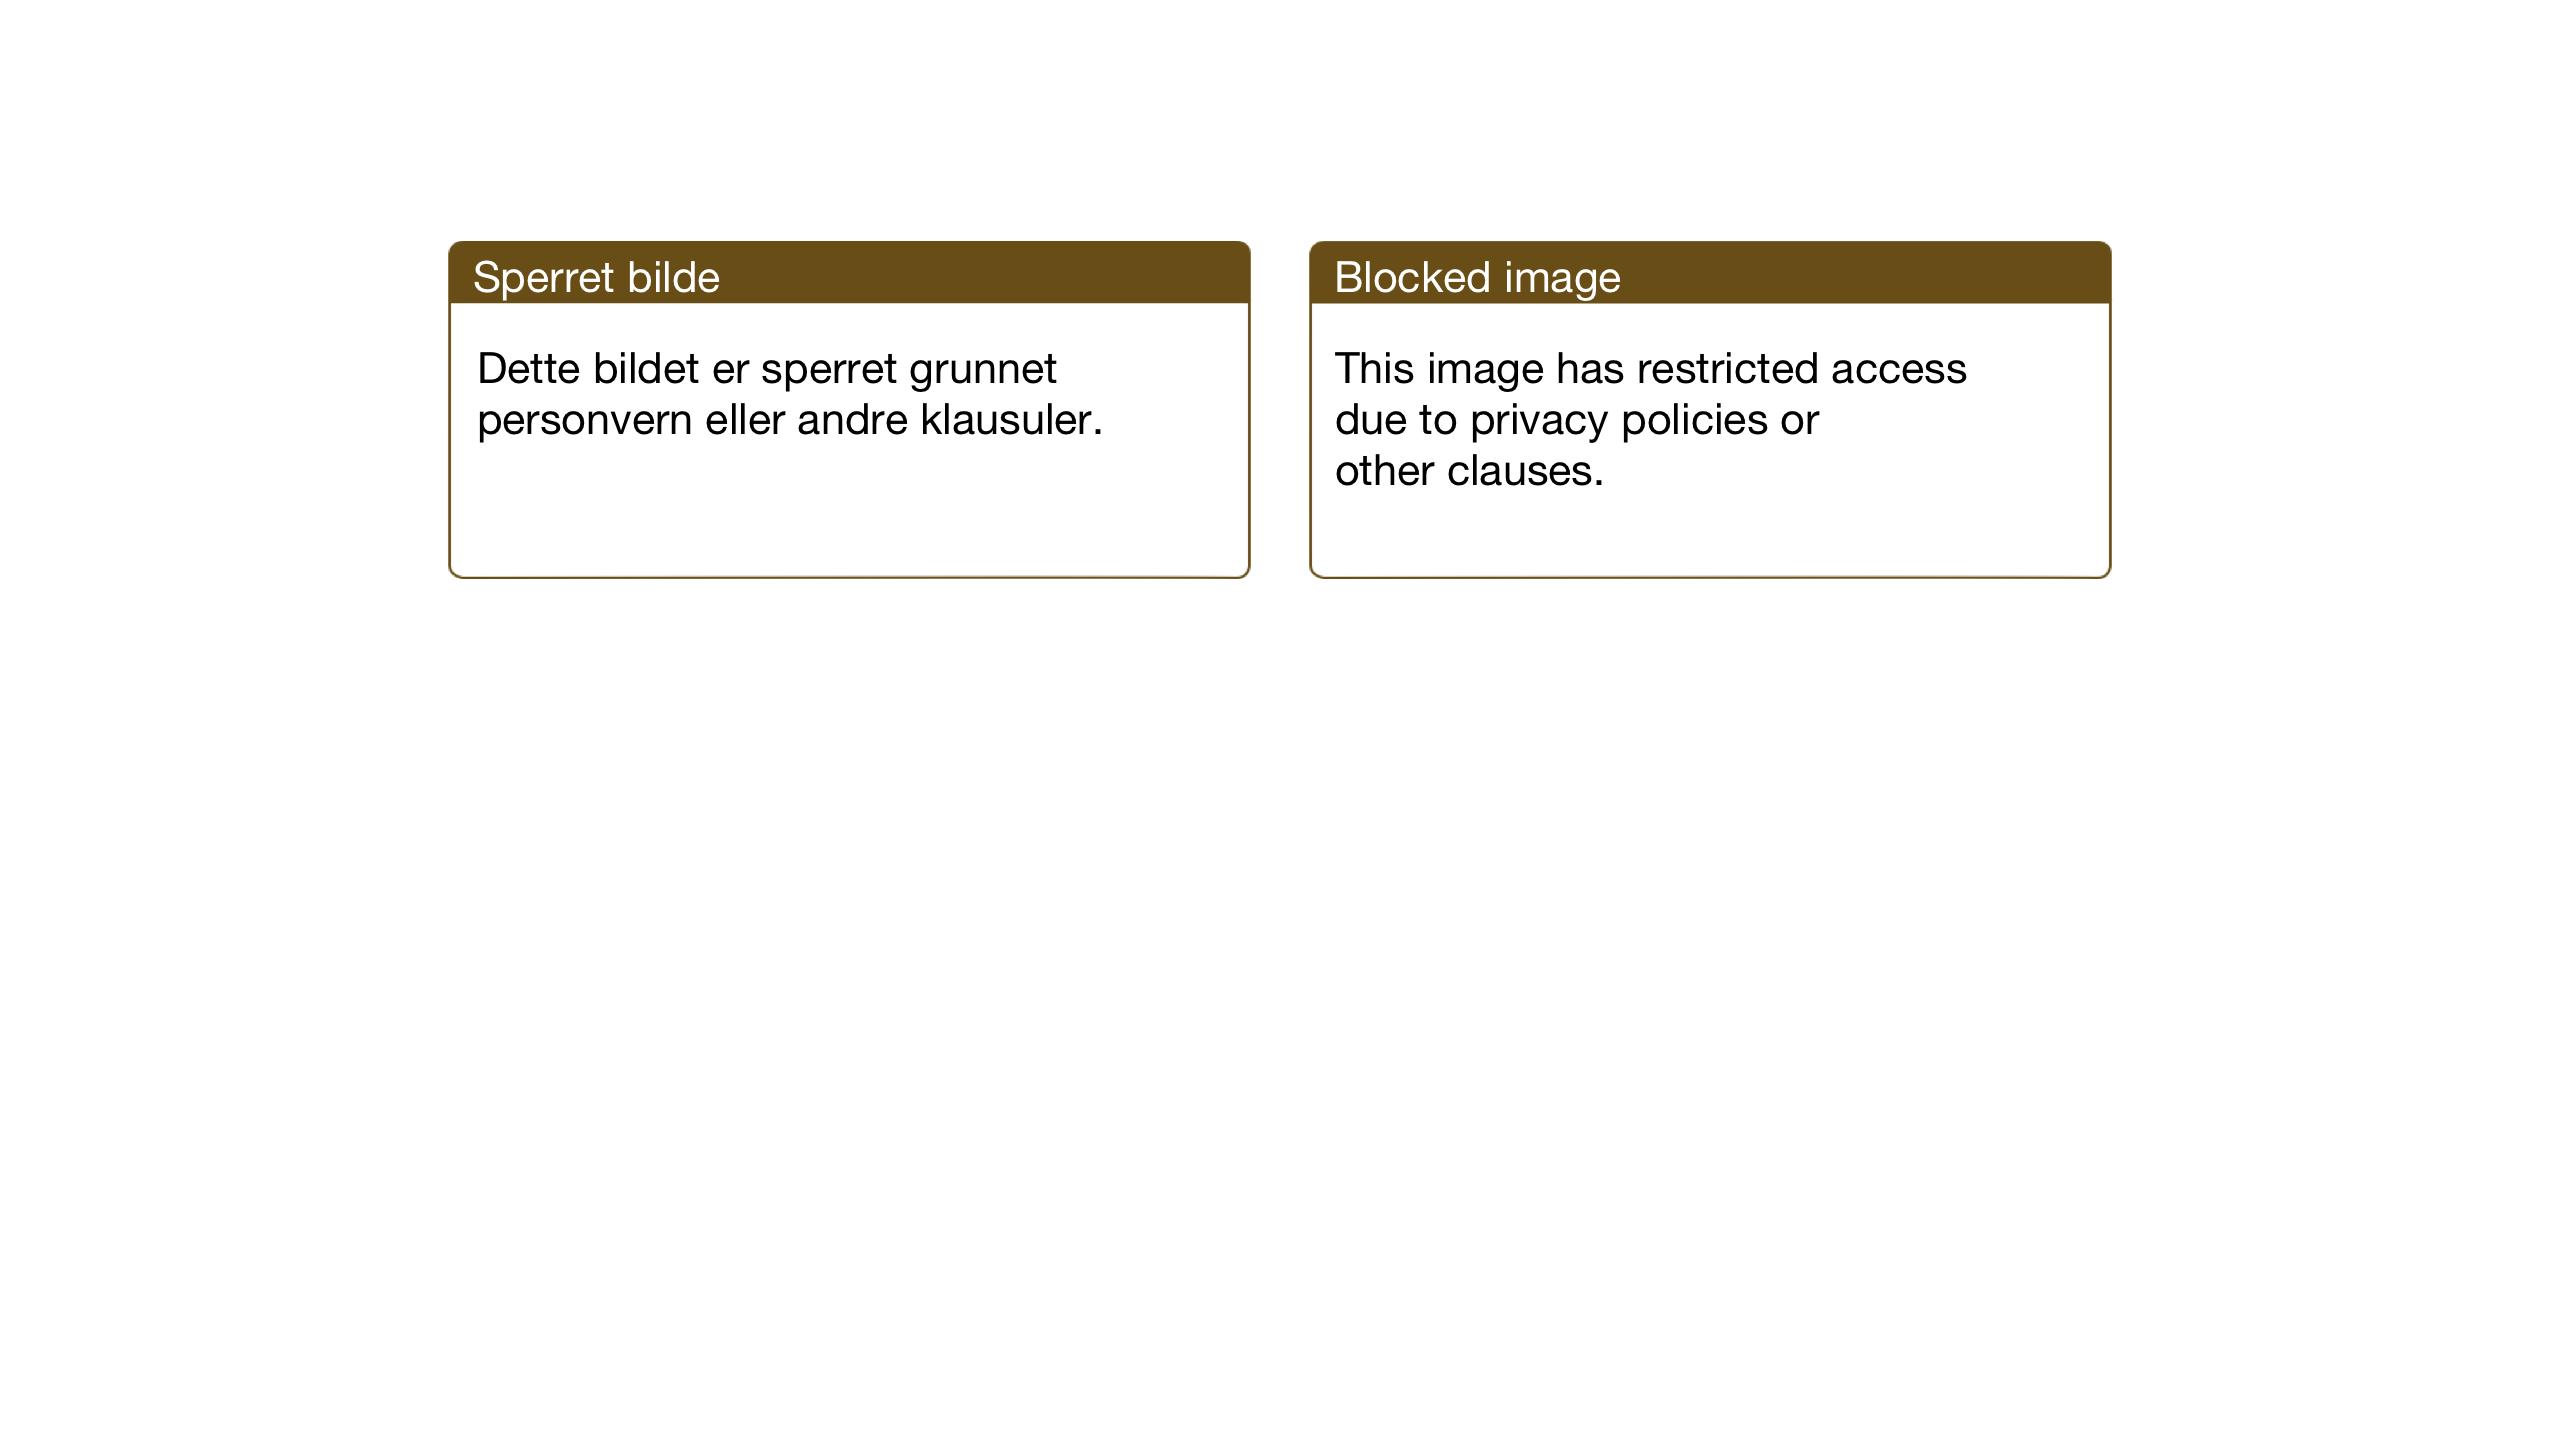 SAT, Ministerialprotokoller, klokkerbøker og fødselsregistre - Sør-Trøndelag, 667/L0799: Klokkerbok nr. 667C04, 1929-1950, s. 44